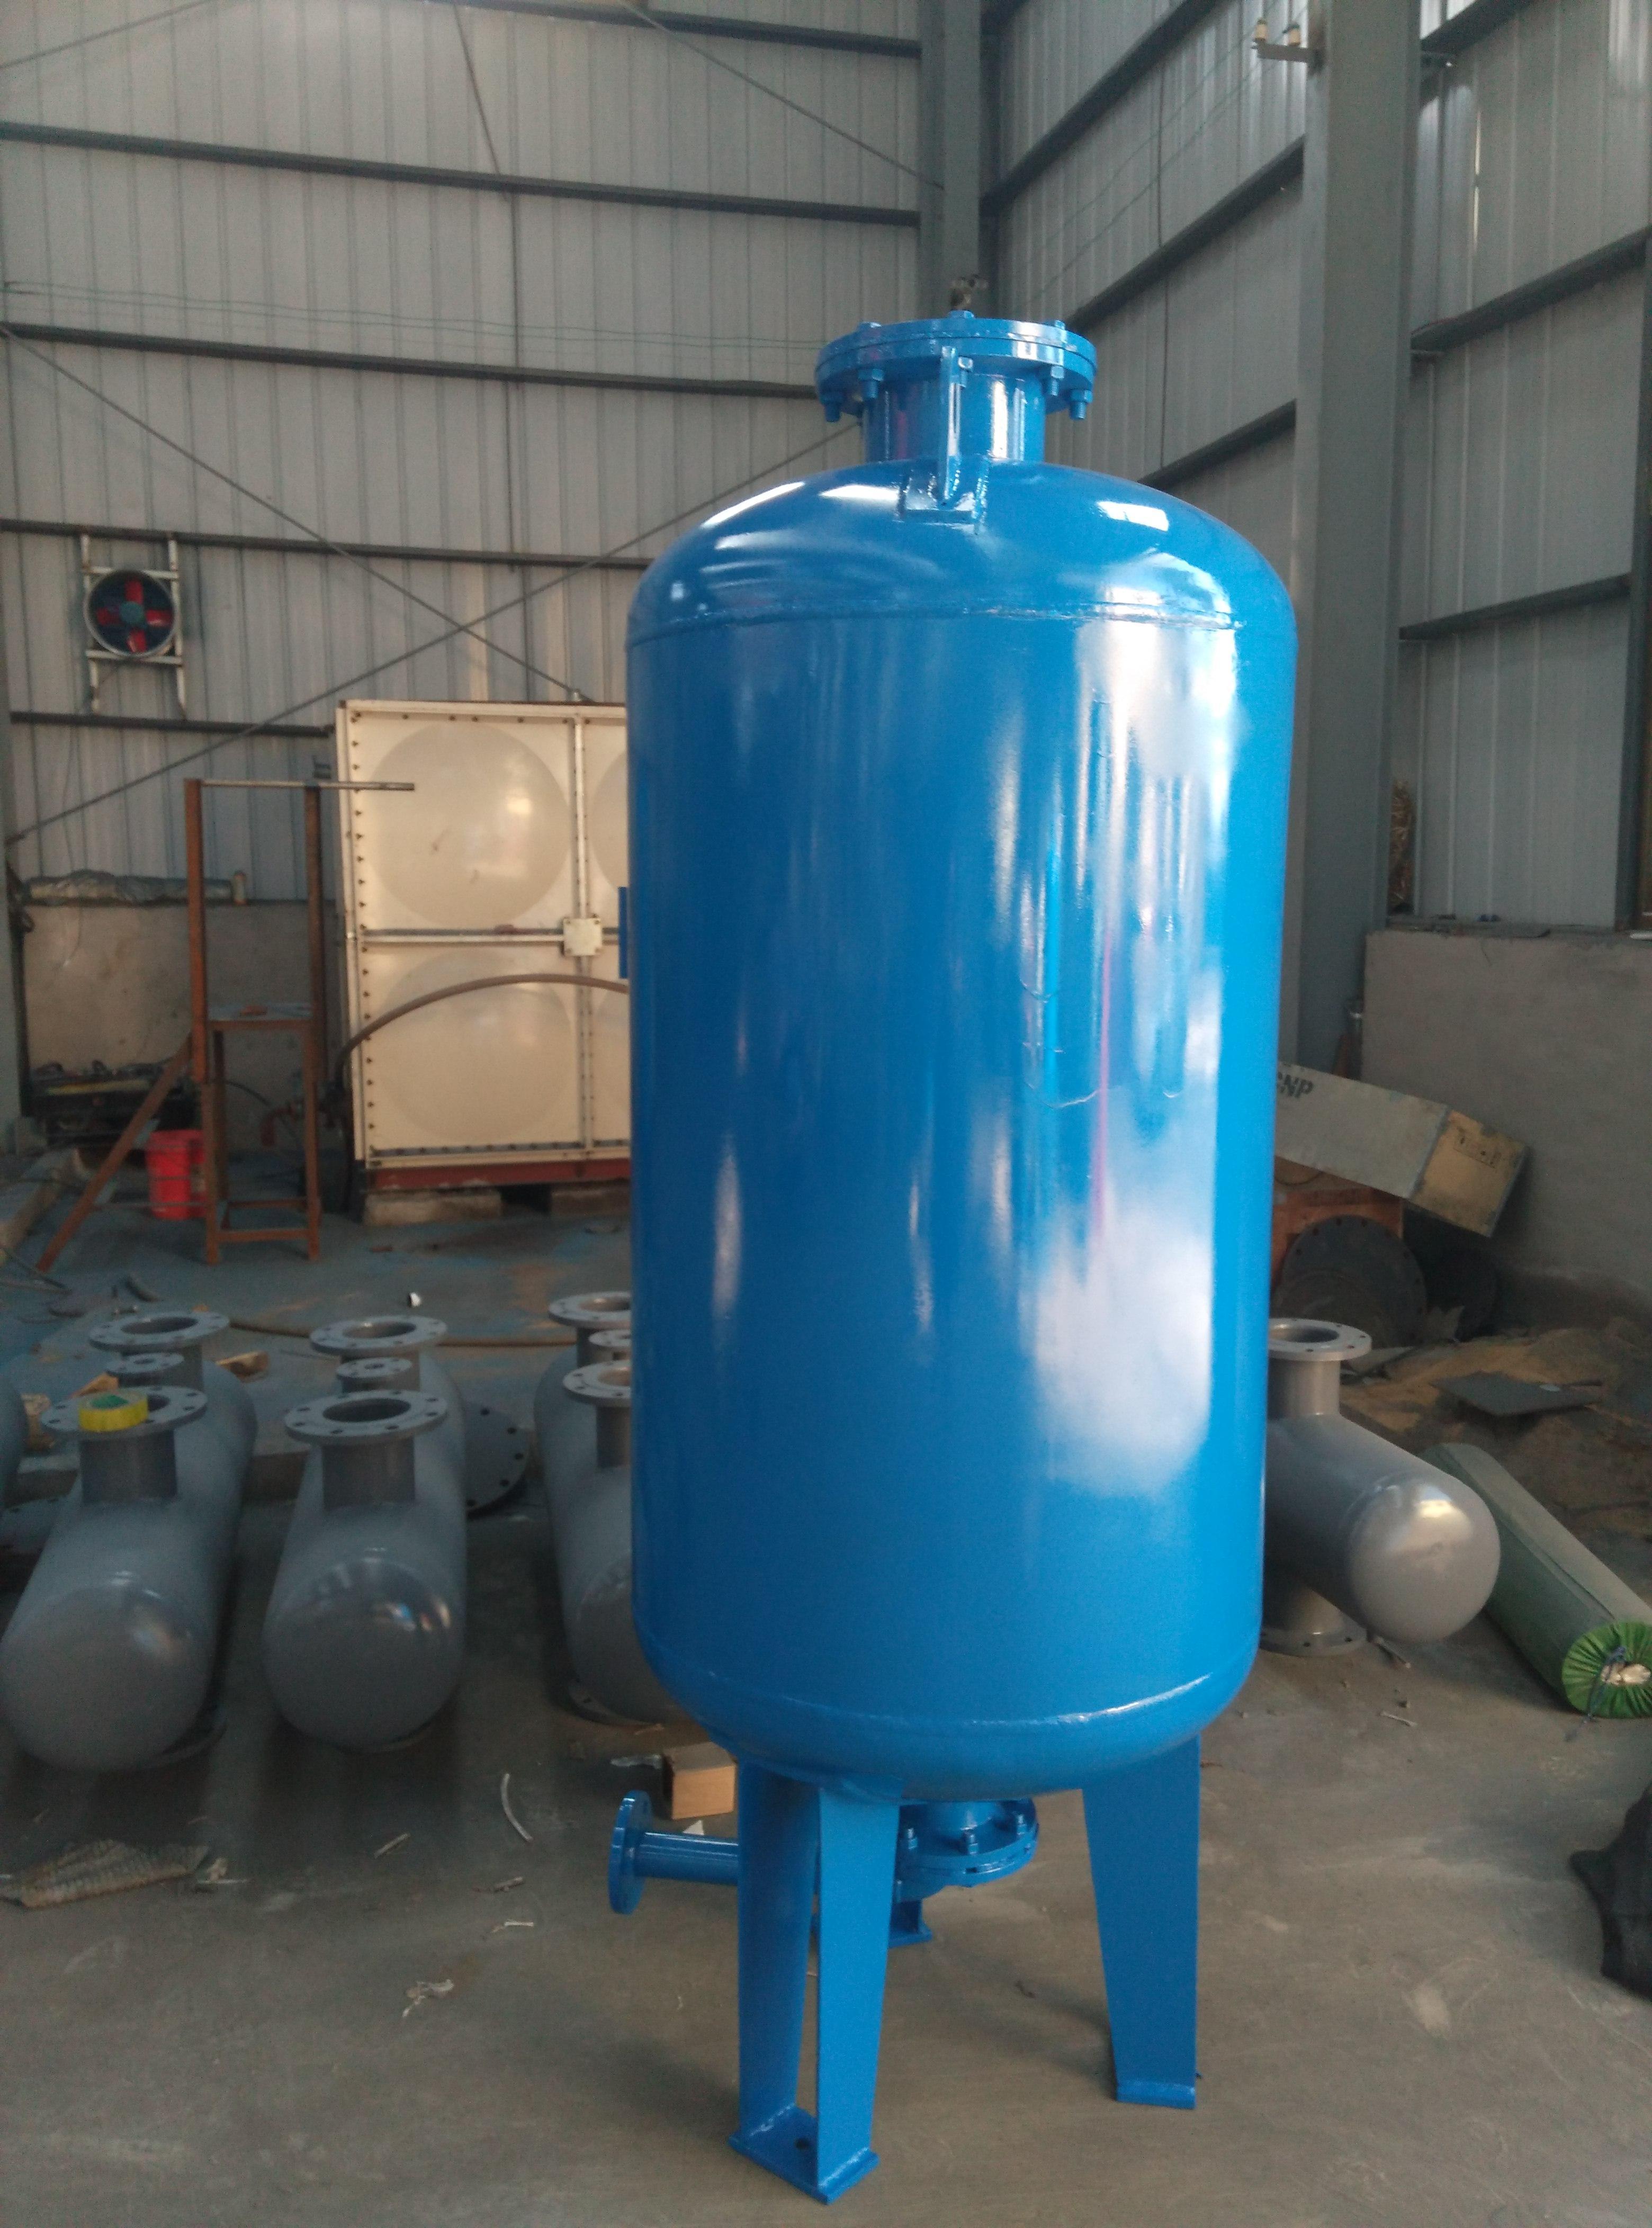 气压罐起到防止系统压力骤降图片